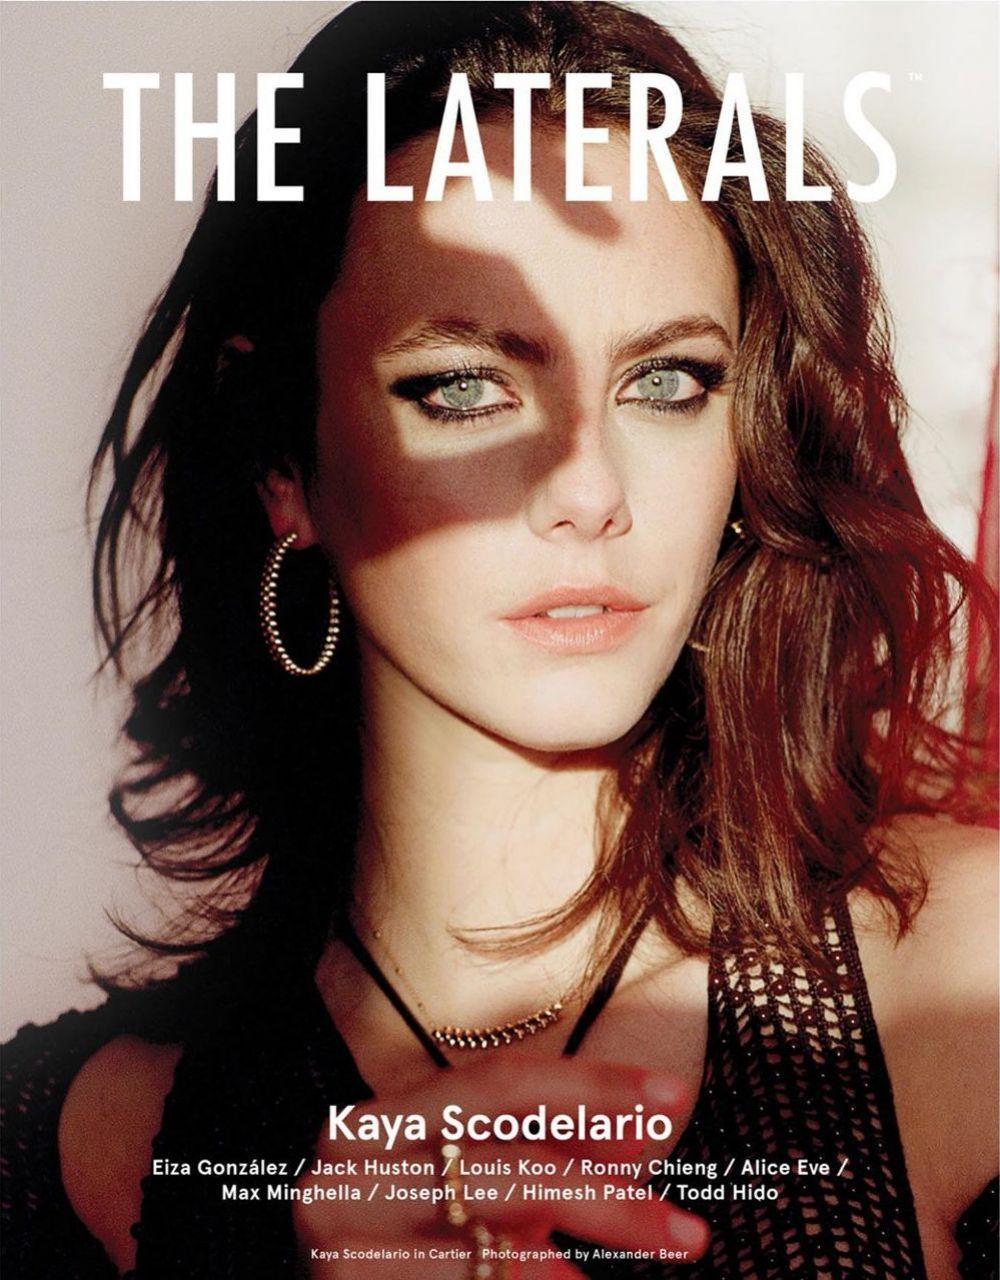 KAYA SCODELARIO for The Laterals Magazine, April 2020 in 2020 | Kaya scodelario, Kaya, Louis koo